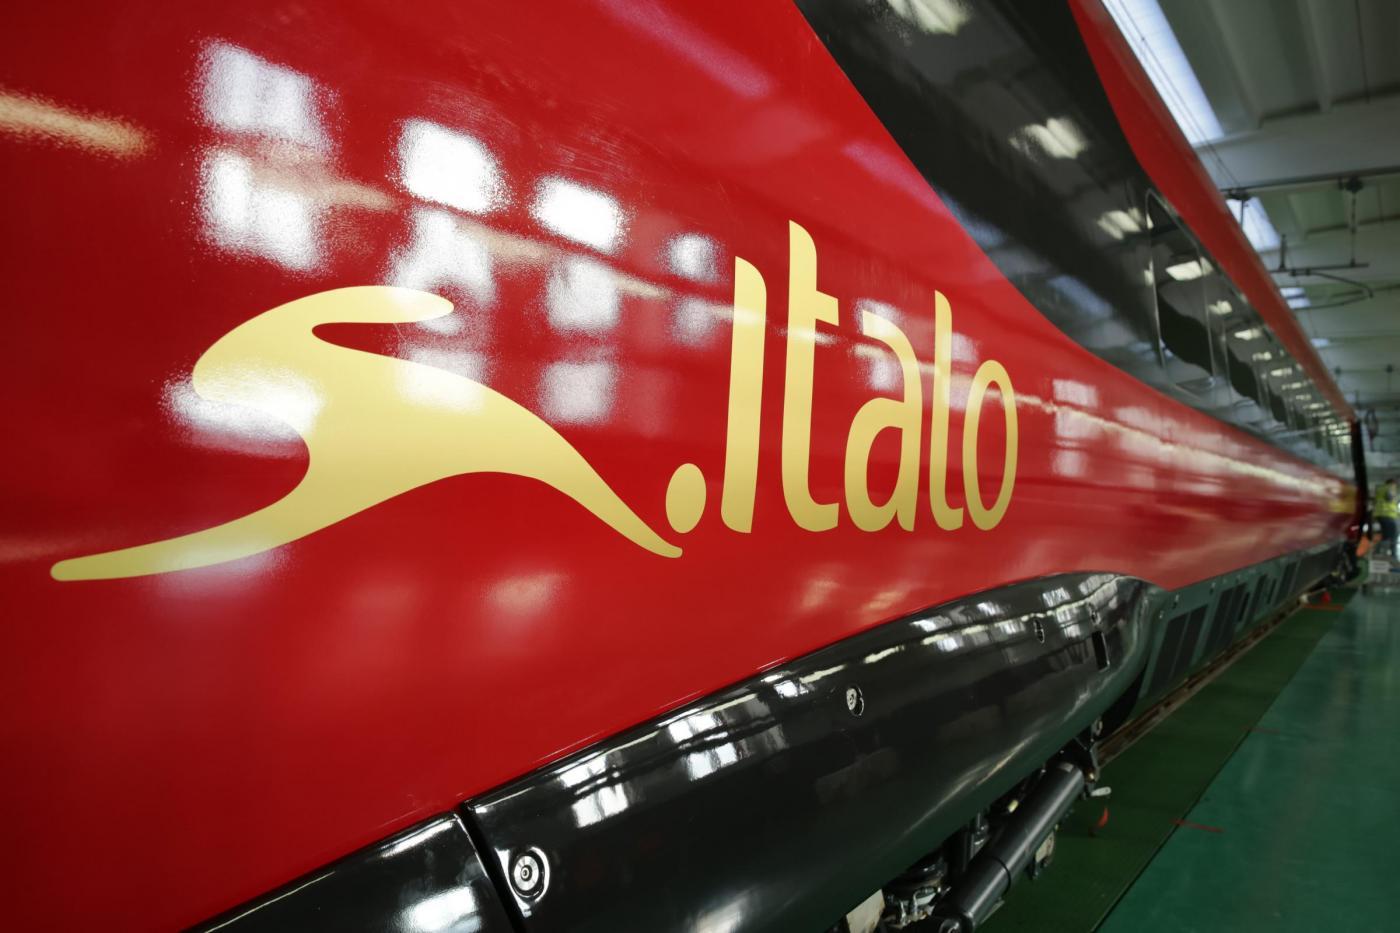 Italo offerta di lavoro: assunzioni hostess e steward per i treni